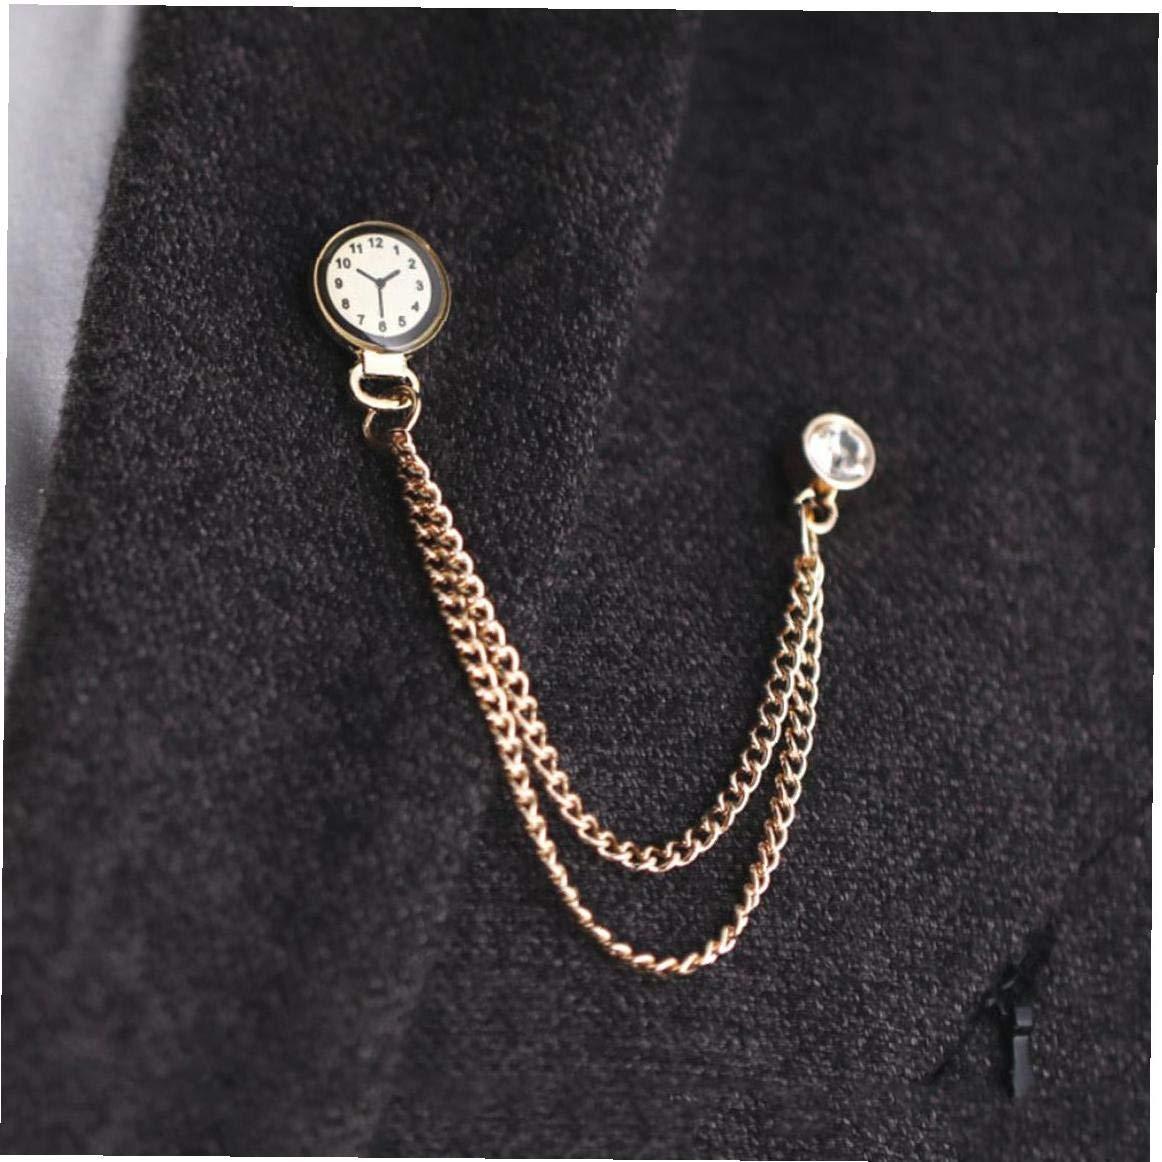 Horloge cha/îne Broches Pins m/étal Badge Pin Lapel Femme Homme Accessoires Bijoux